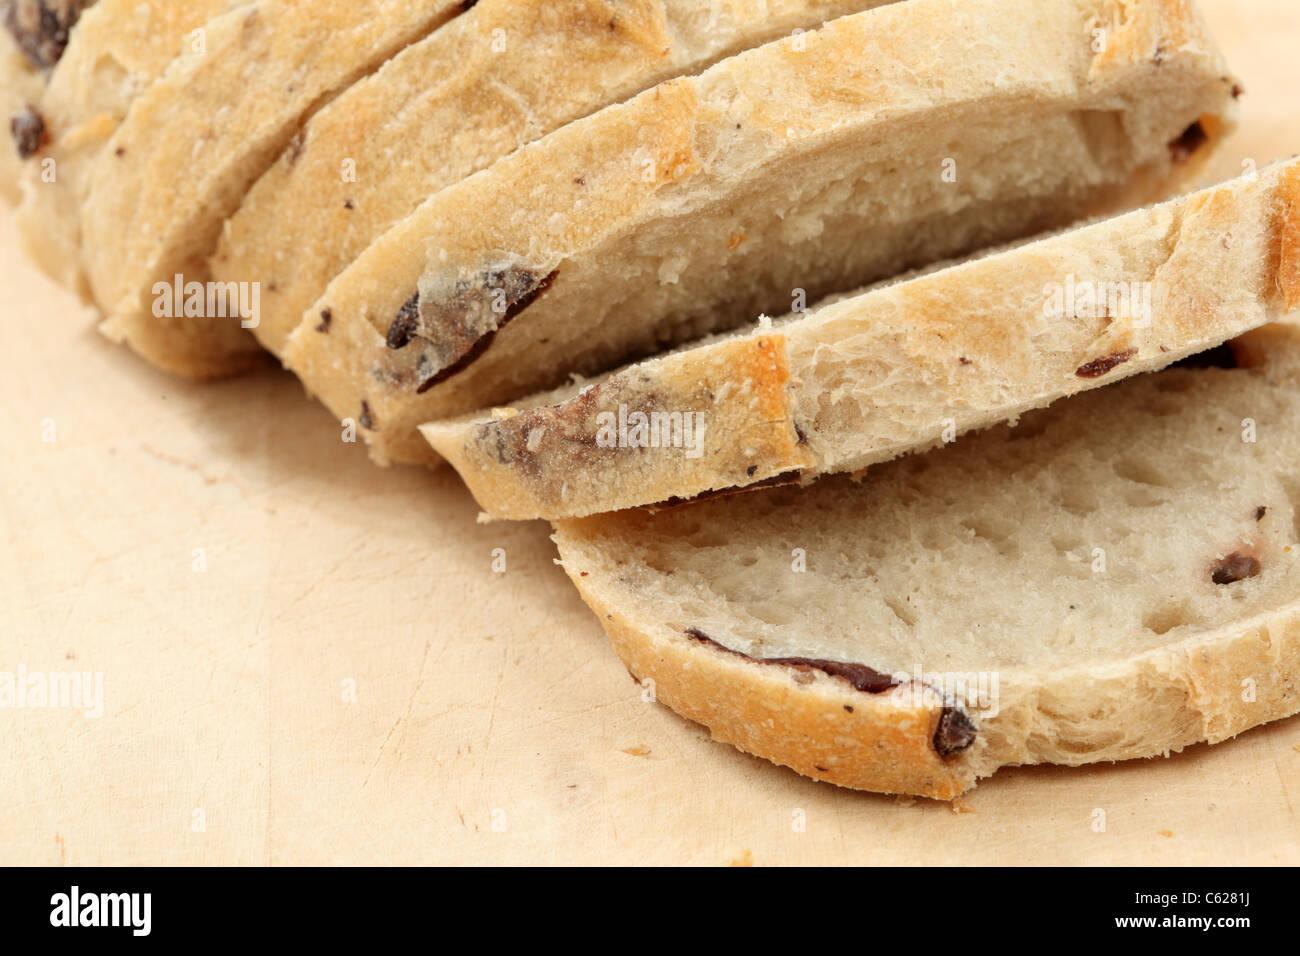 Acercamiento de oliva italiano tradicional pan Imagen De Stock